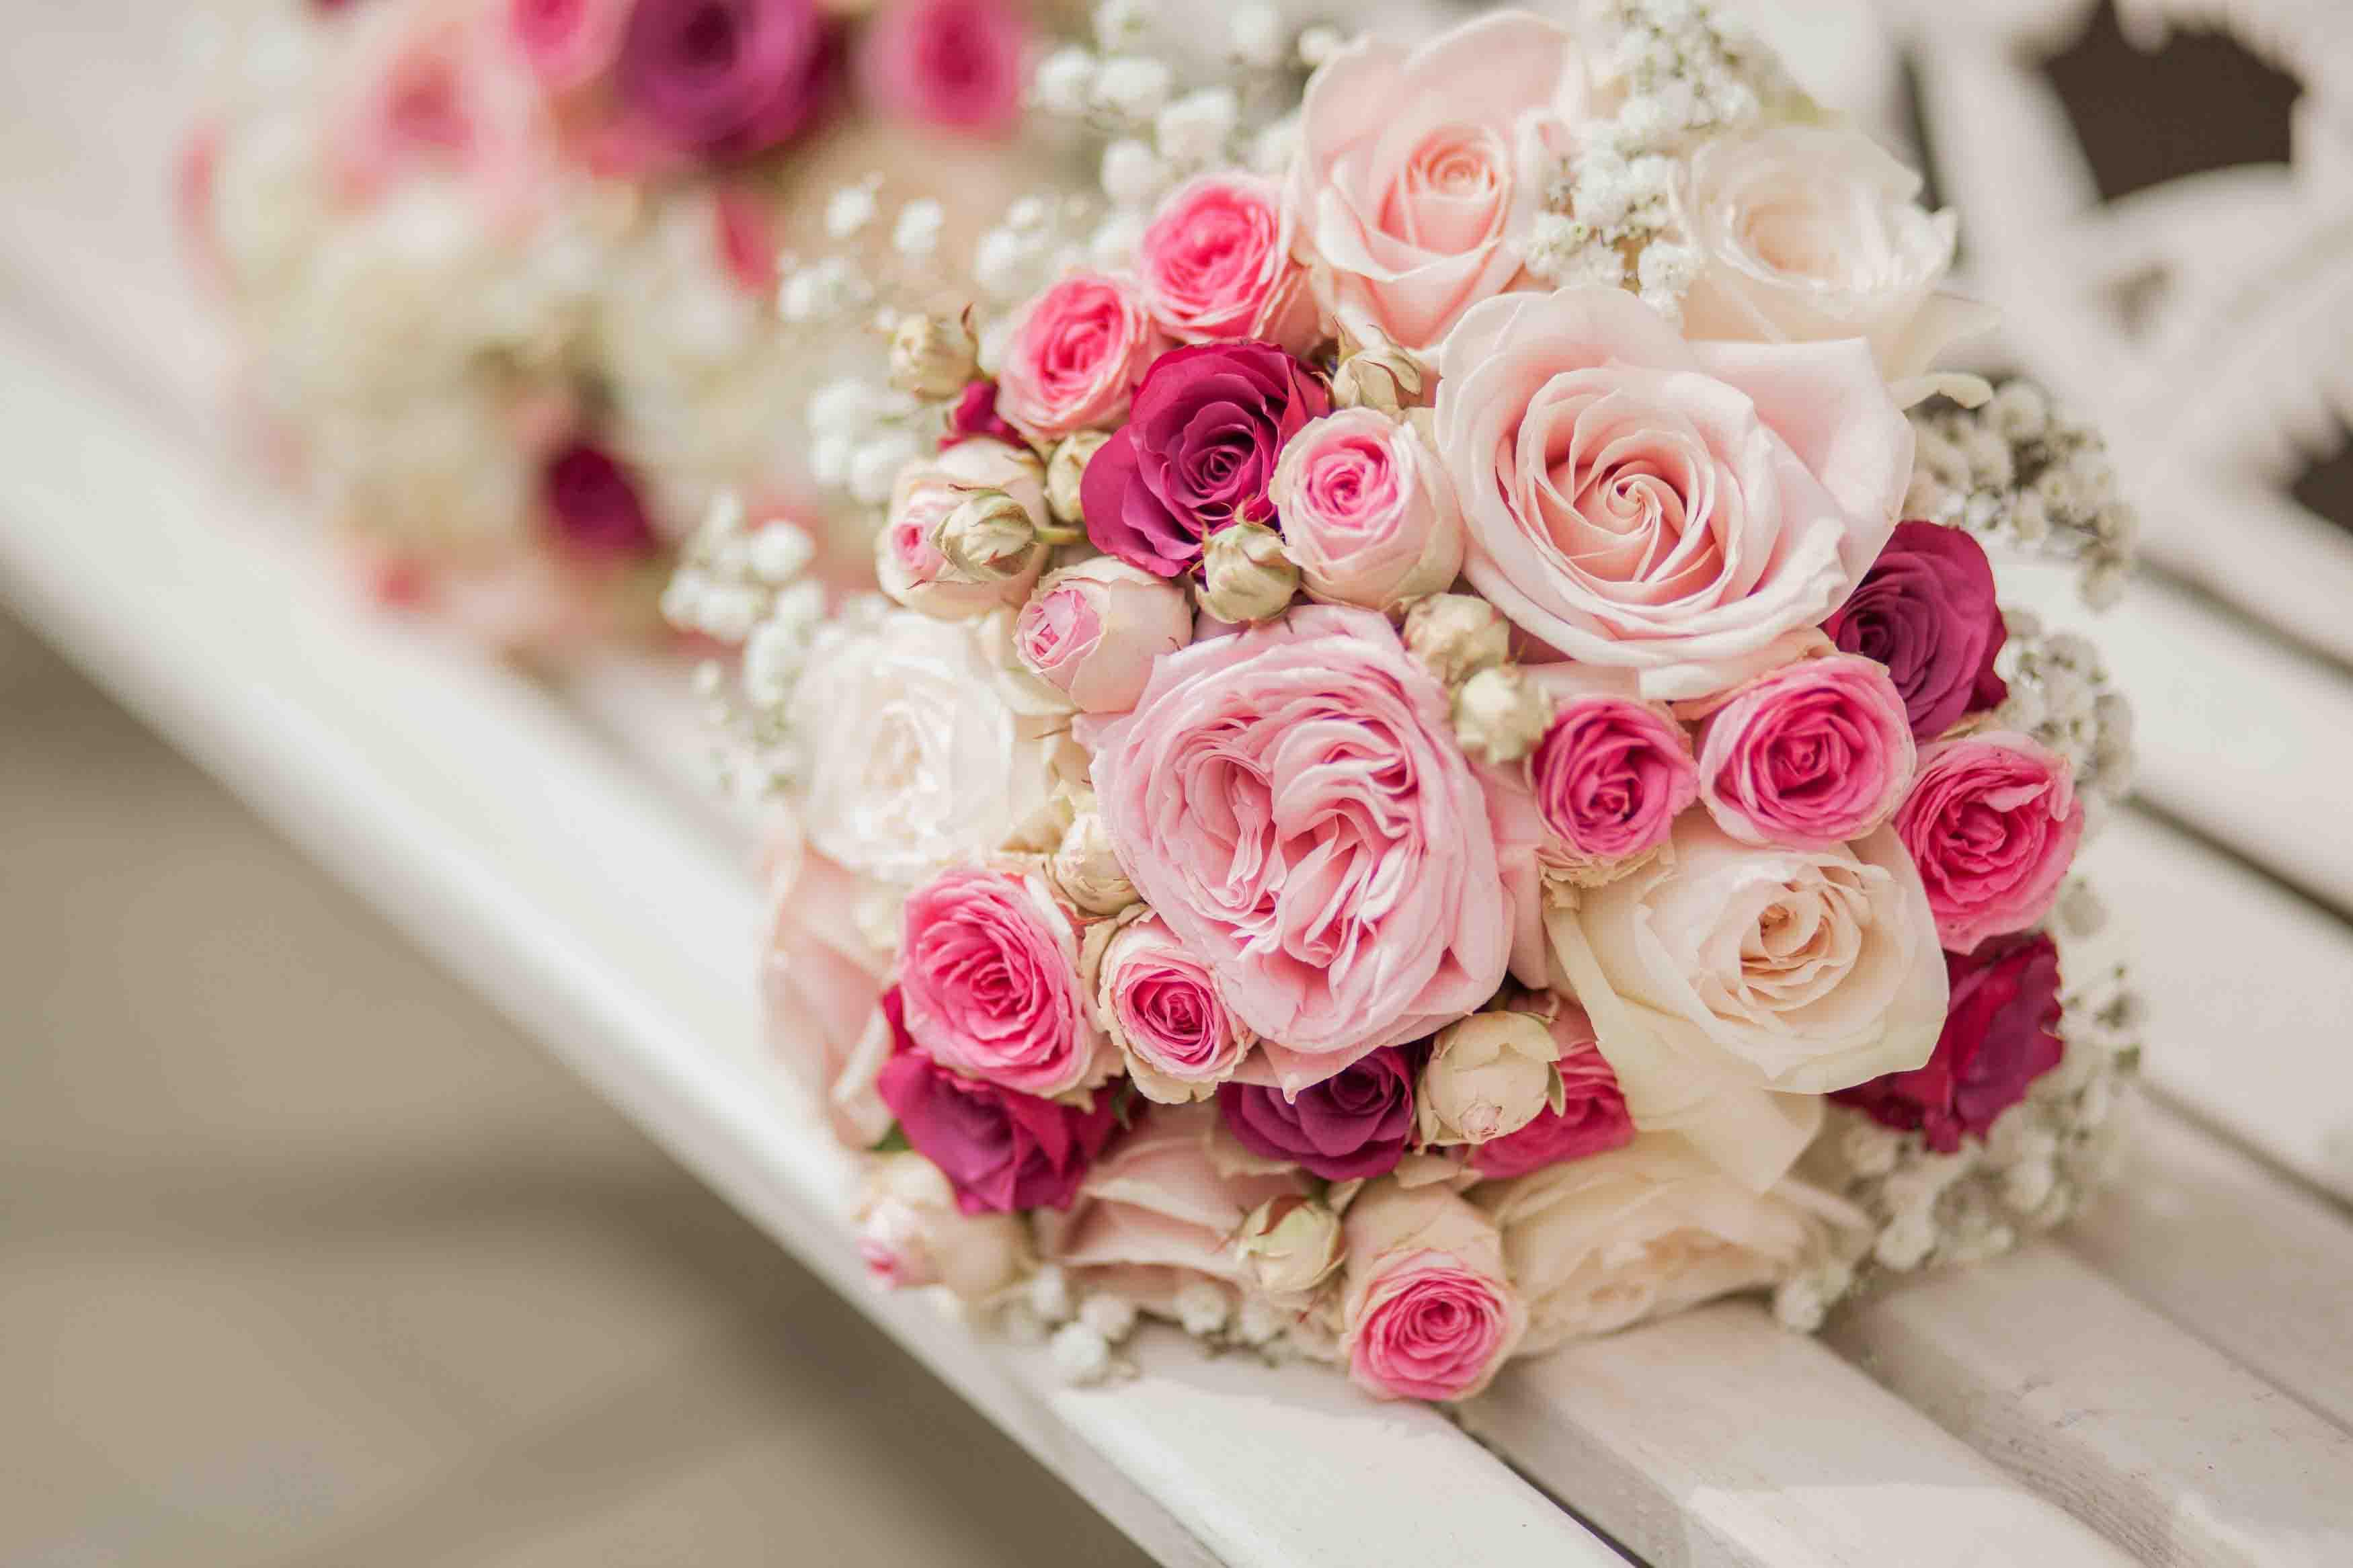 Hình ảnh bó hoa hồng cưới đẹp nhất